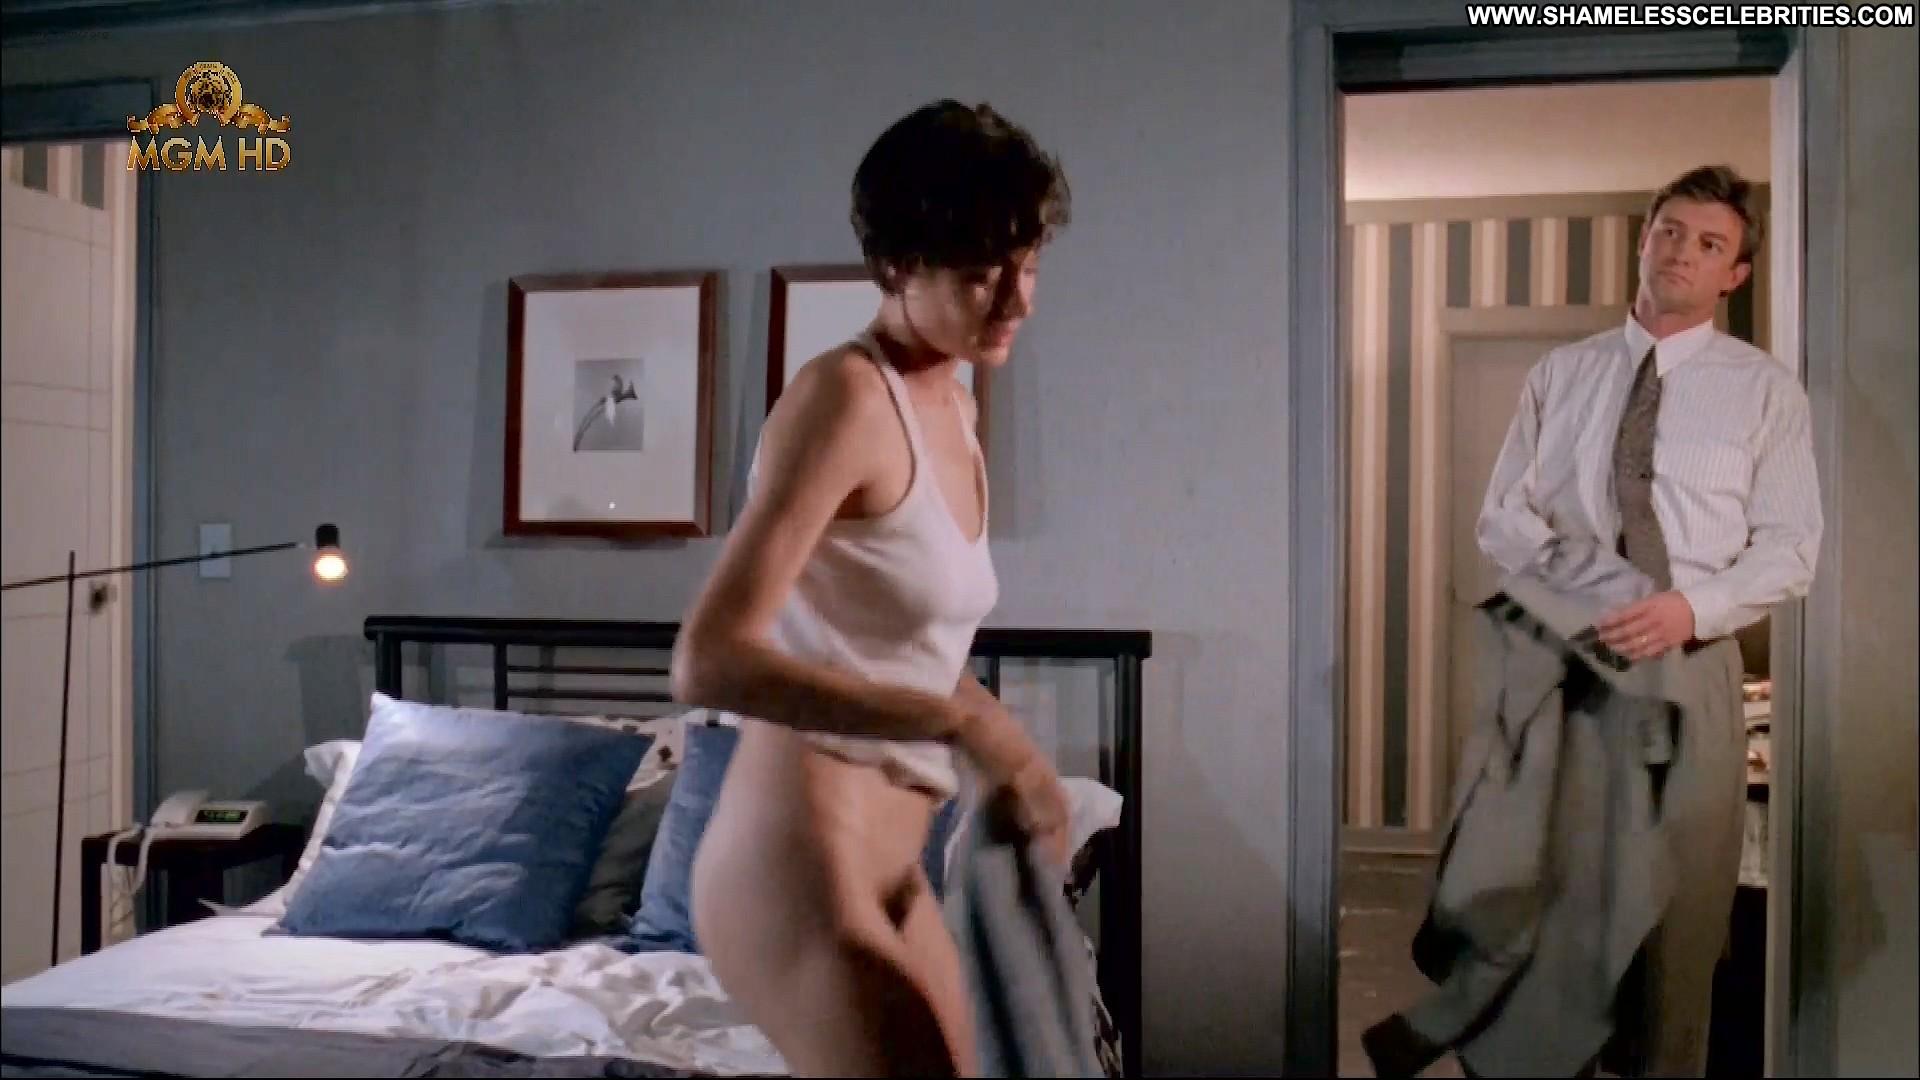 ninel conde pics erotico